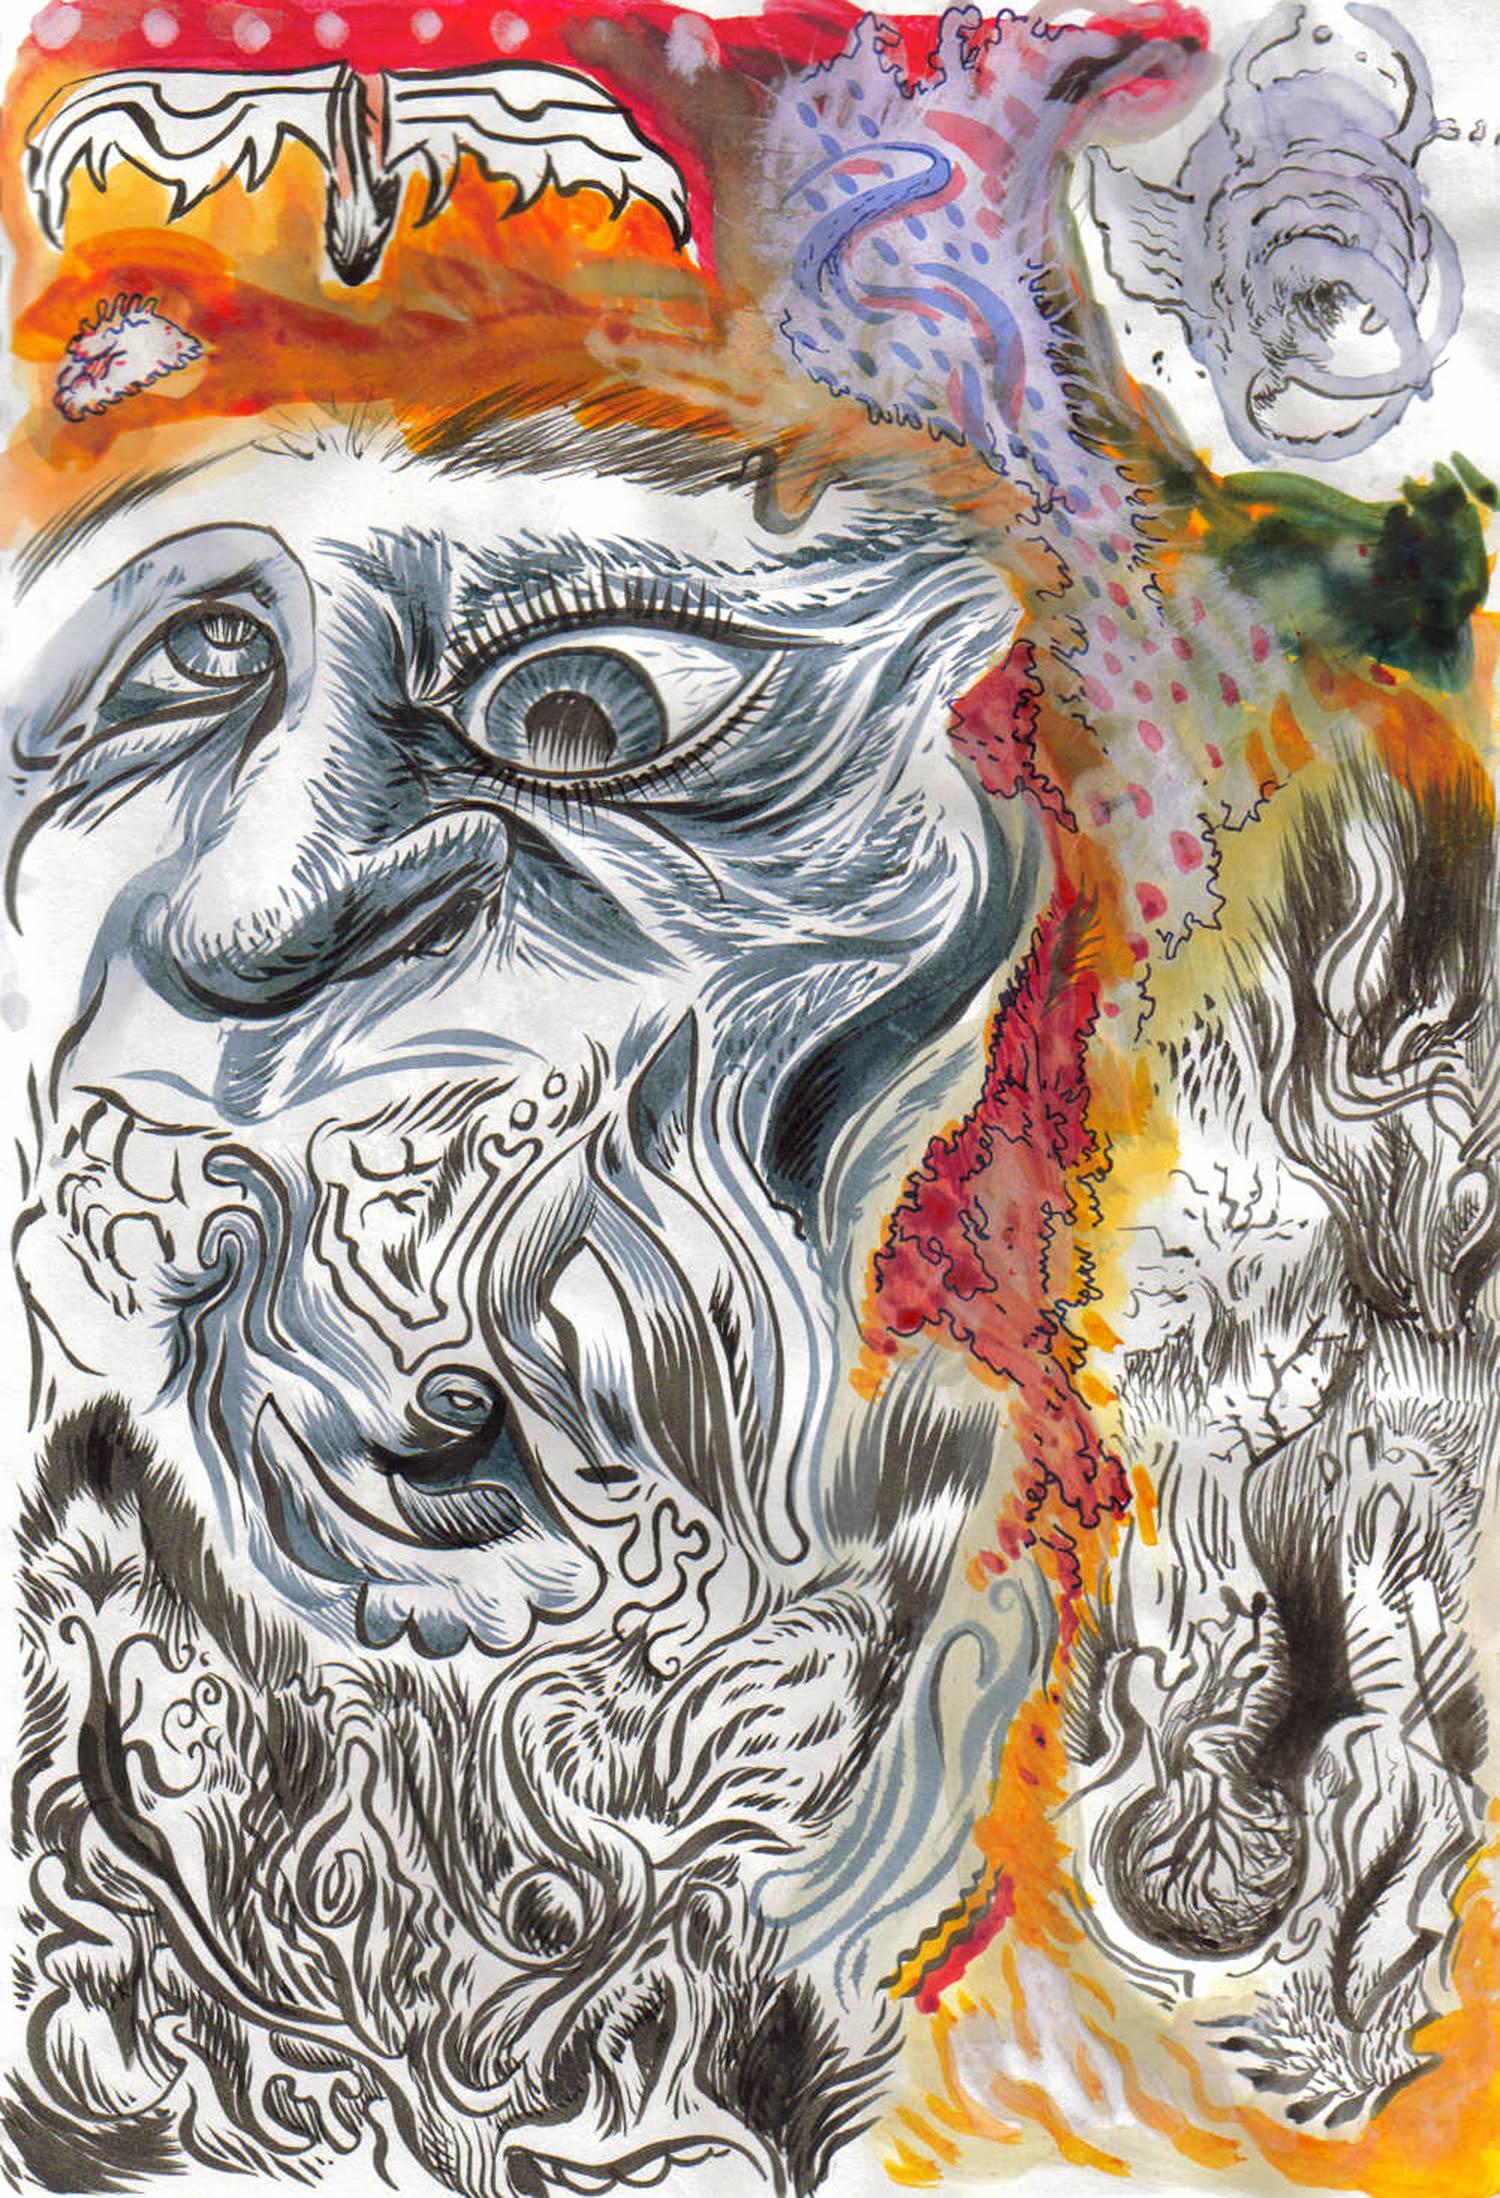 man's face doodle by monocat